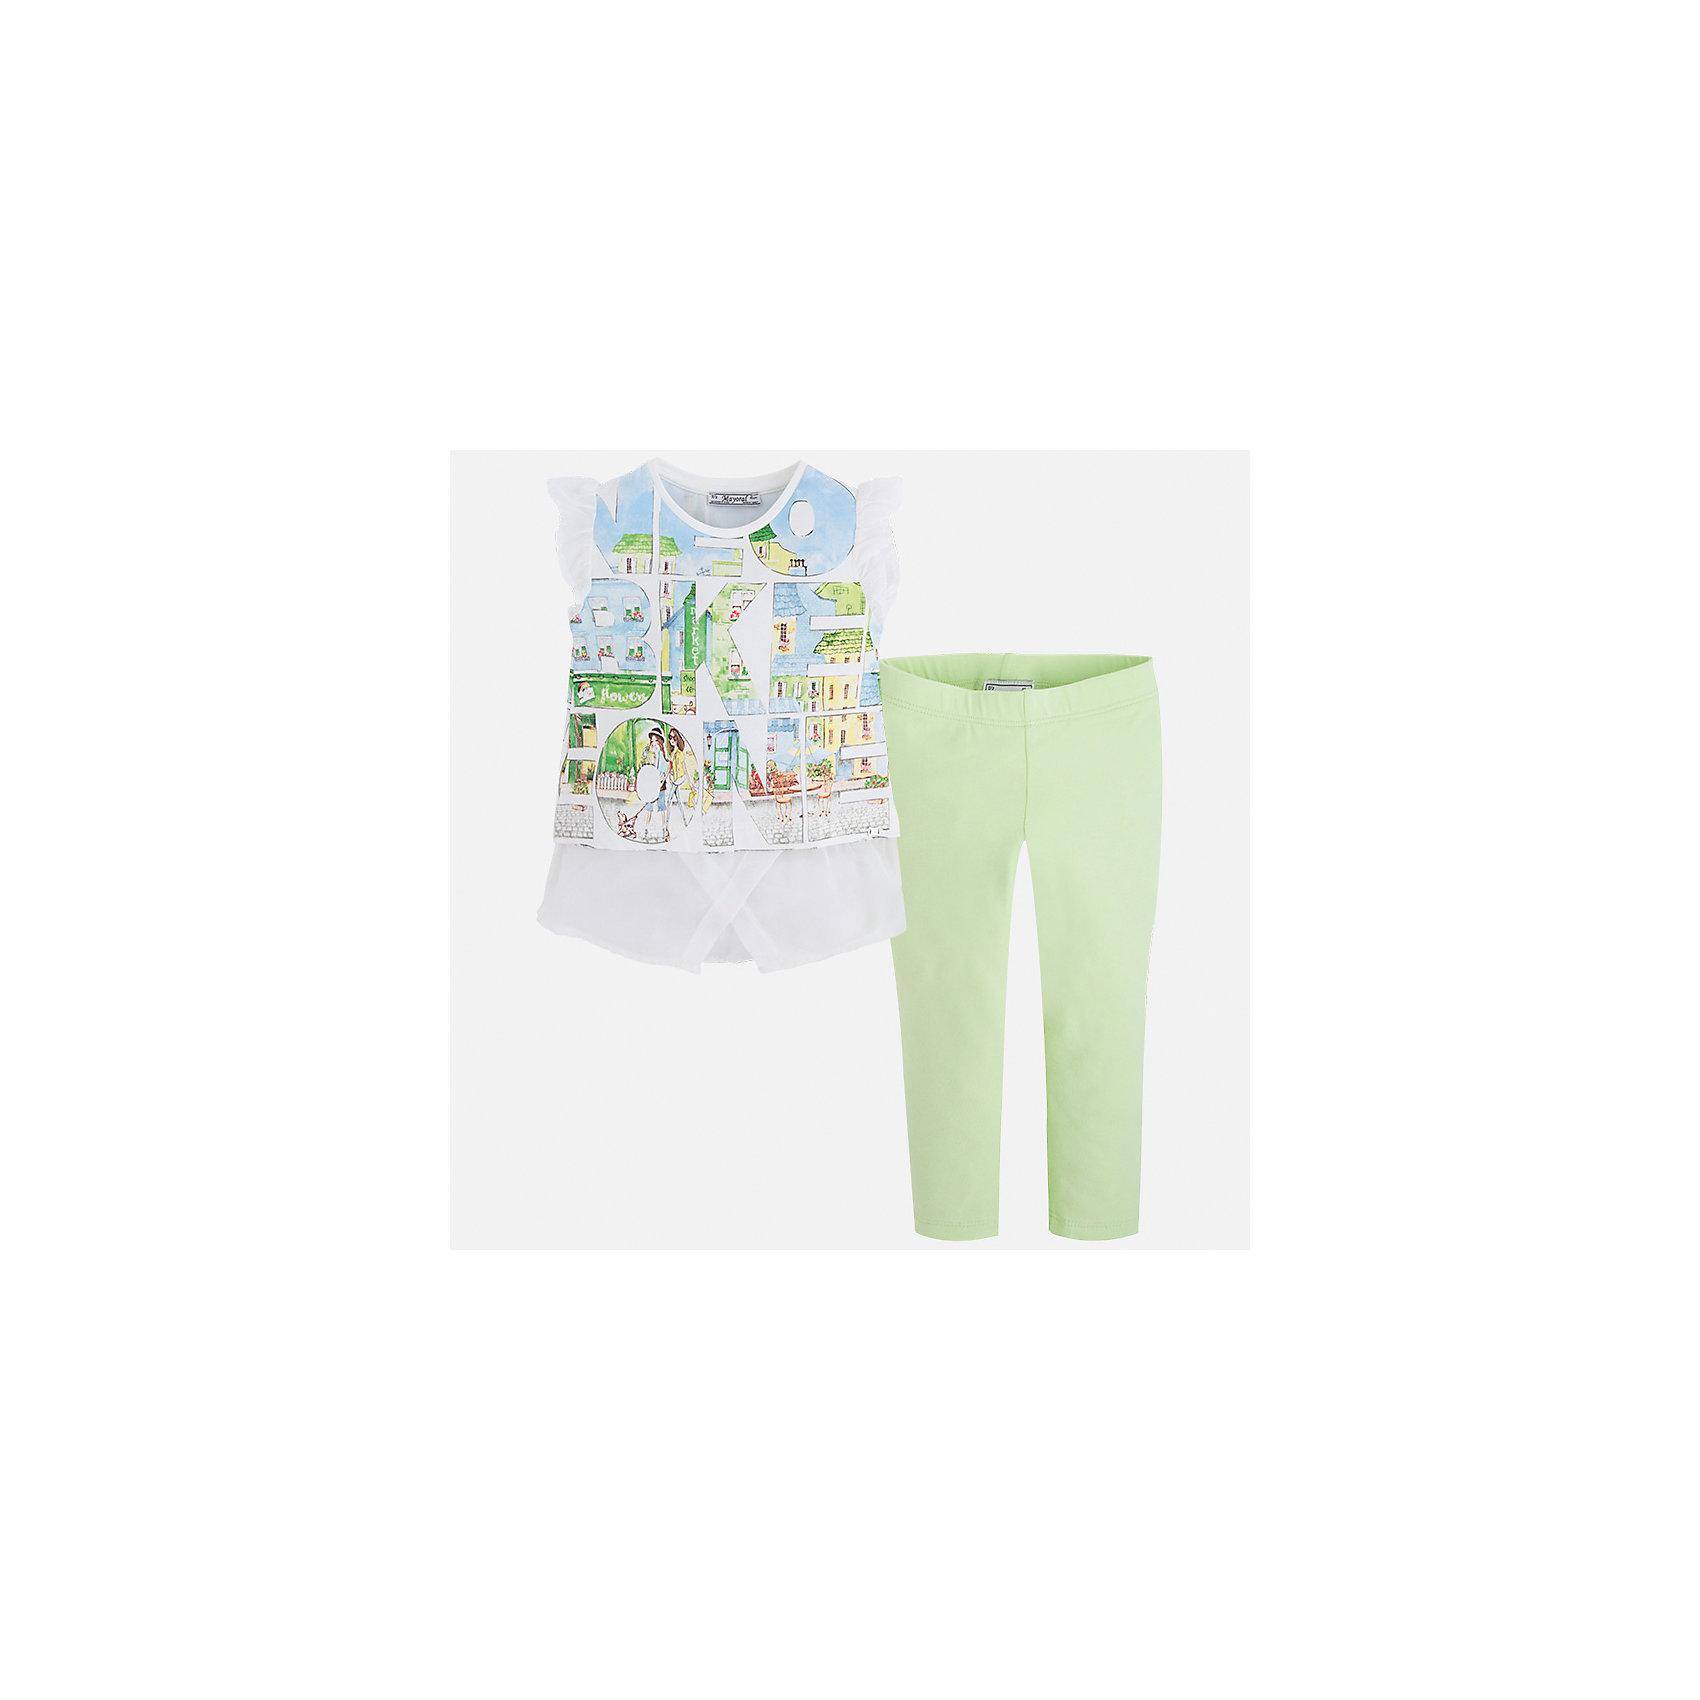 Комплект: футболка с длинным рукавом и леггинсы для девочки MayoralКомплекты<br>Характеристики товара:<br><br>• цвет: белый/зеленый<br>• состав: 76% хлопок, 20% полиэстер, 4% эластан<br>• комплектация: футболка, леггинсы<br>• футболка декорирована принтом и оборками<br>• леггинсы однотонные<br>• пояс на резинке<br>• страна бренда: Испания<br><br>Красивый качественный комплект для девочки поможет разнообразить гардероб ребенка и удобно одеться в теплую погоду. Он отлично сочетается с другими предметами. Универсальный цвет позволяет подобрать к вещам верхнюю одежду практически любой расцветки. Интересная отделка модели делает её нарядной и оригинальной. В составе материала - натуральный хлопок, гипоаллергенный, приятный на ощупь, дышащий.<br><br>Одежда, обувь и аксессуары от испанского бренда Mayoral полюбились детям и взрослым по всему миру. Модели этой марки - стильные и удобные. Для их производства используются только безопасные, качественные материалы и фурнитура. Порадуйте ребенка модными и красивыми вещами от Mayoral! <br><br>Комплект для девочки от испанского бренда Mayoral (Майорал) можно купить в нашем интернет-магазине.<br><br>Ширина мм: 123<br>Глубина мм: 10<br>Высота мм: 149<br>Вес г: 209<br>Цвет: зеленый<br>Возраст от месяцев: 96<br>Возраст до месяцев: 108<br>Пол: Женский<br>Возраст: Детский<br>Размер: 128,110,116,122,134,92,98,104<br>SKU: 5300470